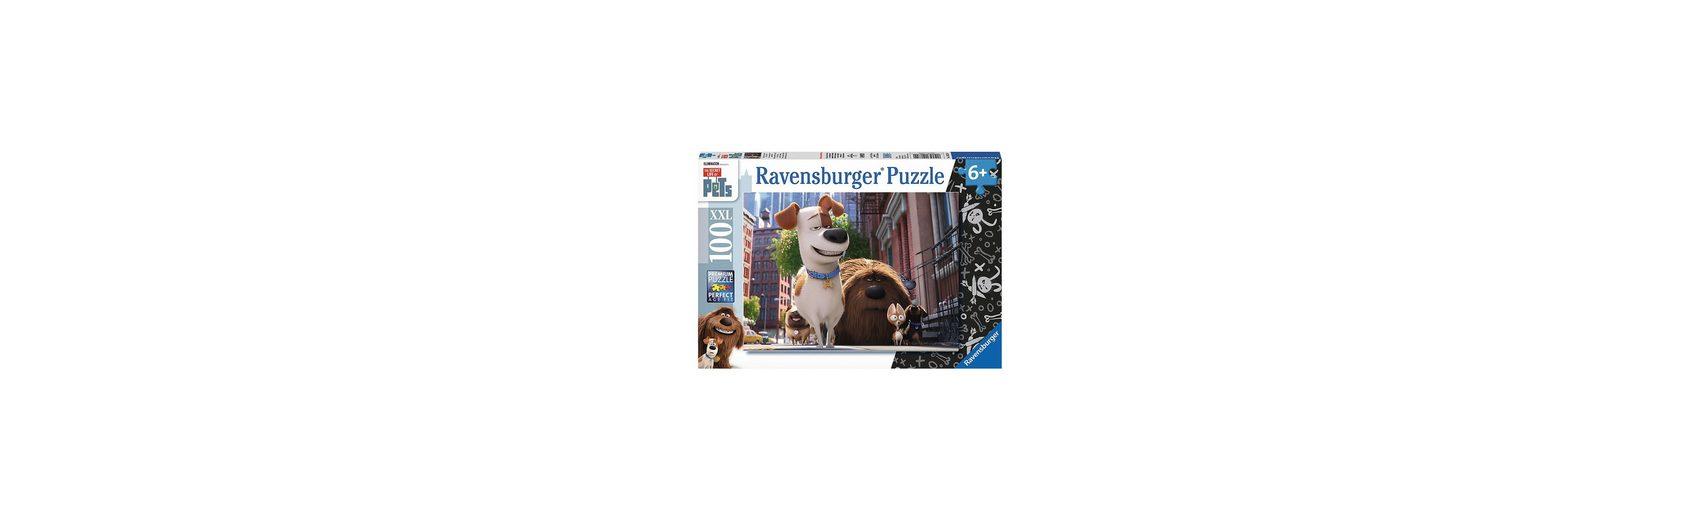 Ravensburger Puzzle 100 Teile Pets